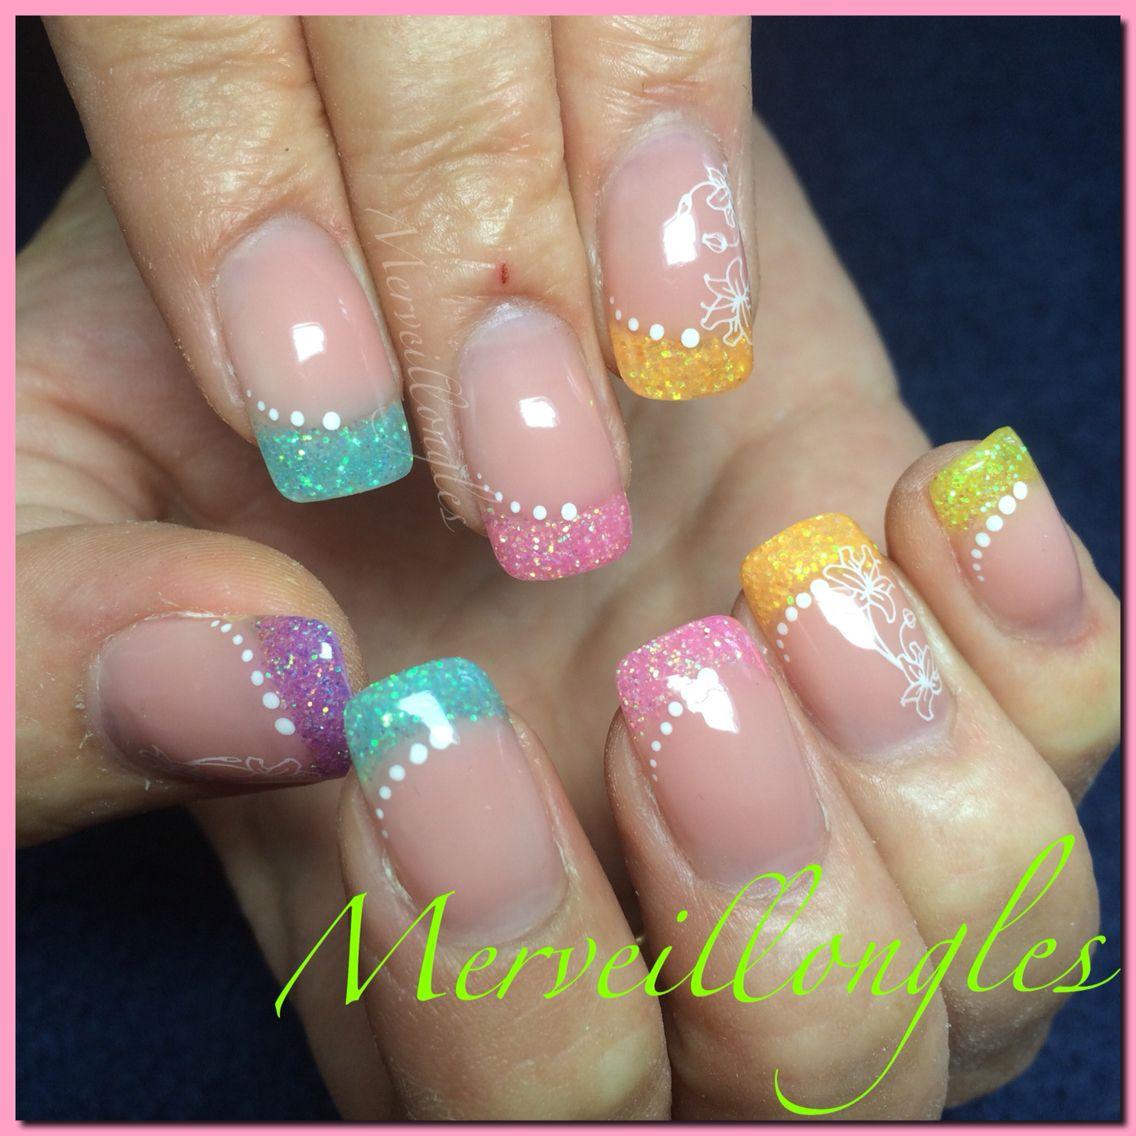 Gel uv ongles en gel multicolore d co paillettes et stamping merveillongles pinterest gel - Deco ongle paillette ...